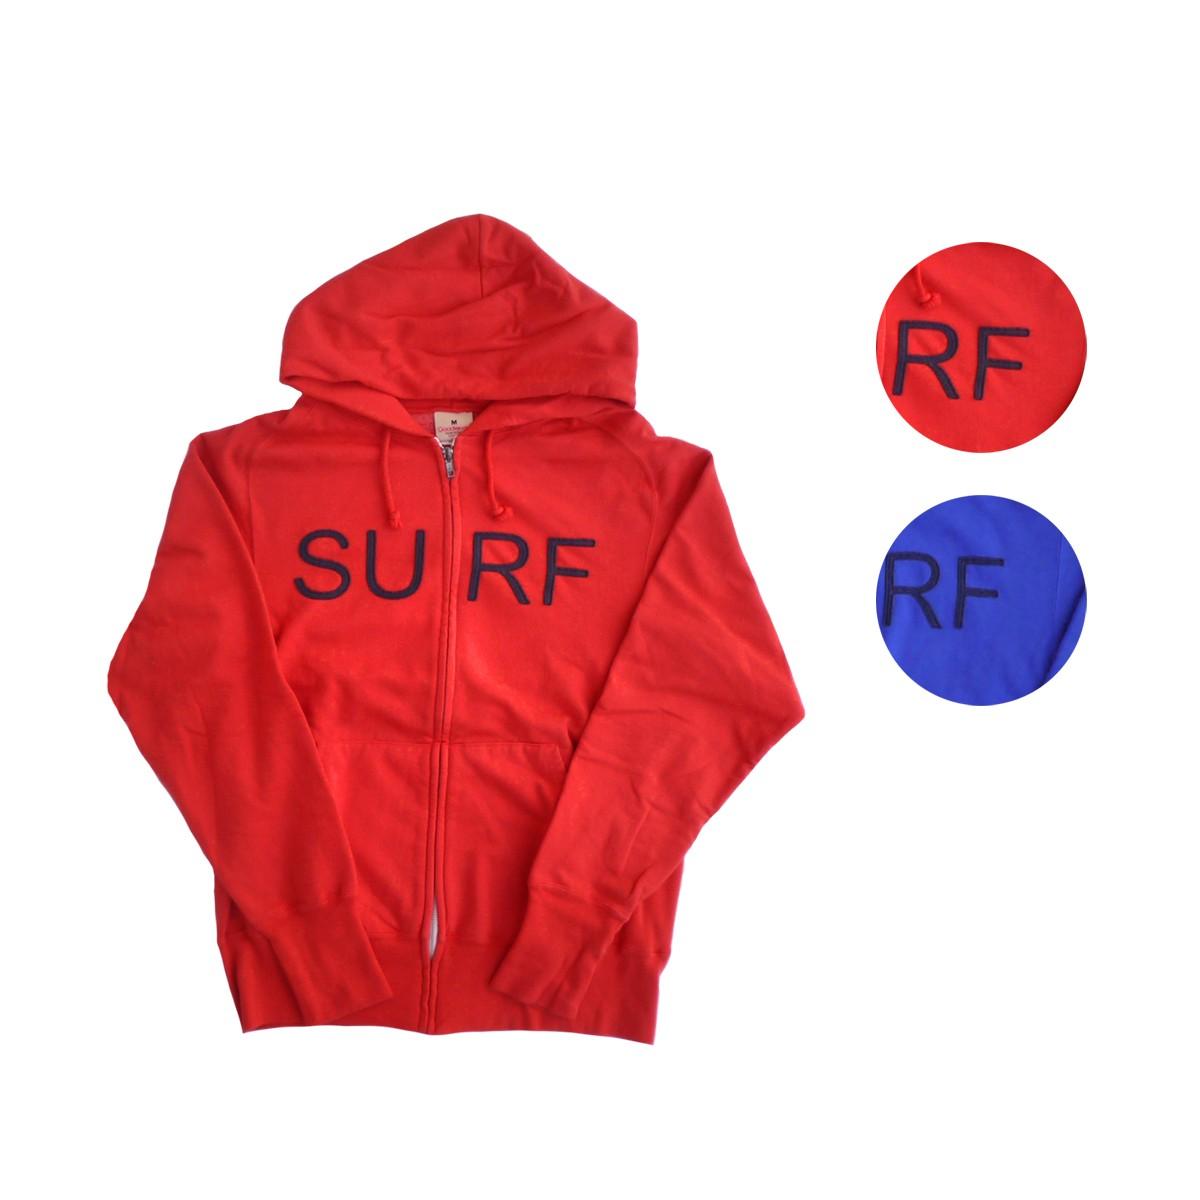 画像1: Goodwear グッドウェア APPLIQUE ZIP HOODIE SURF 全2色 メンズ/レディース (1)